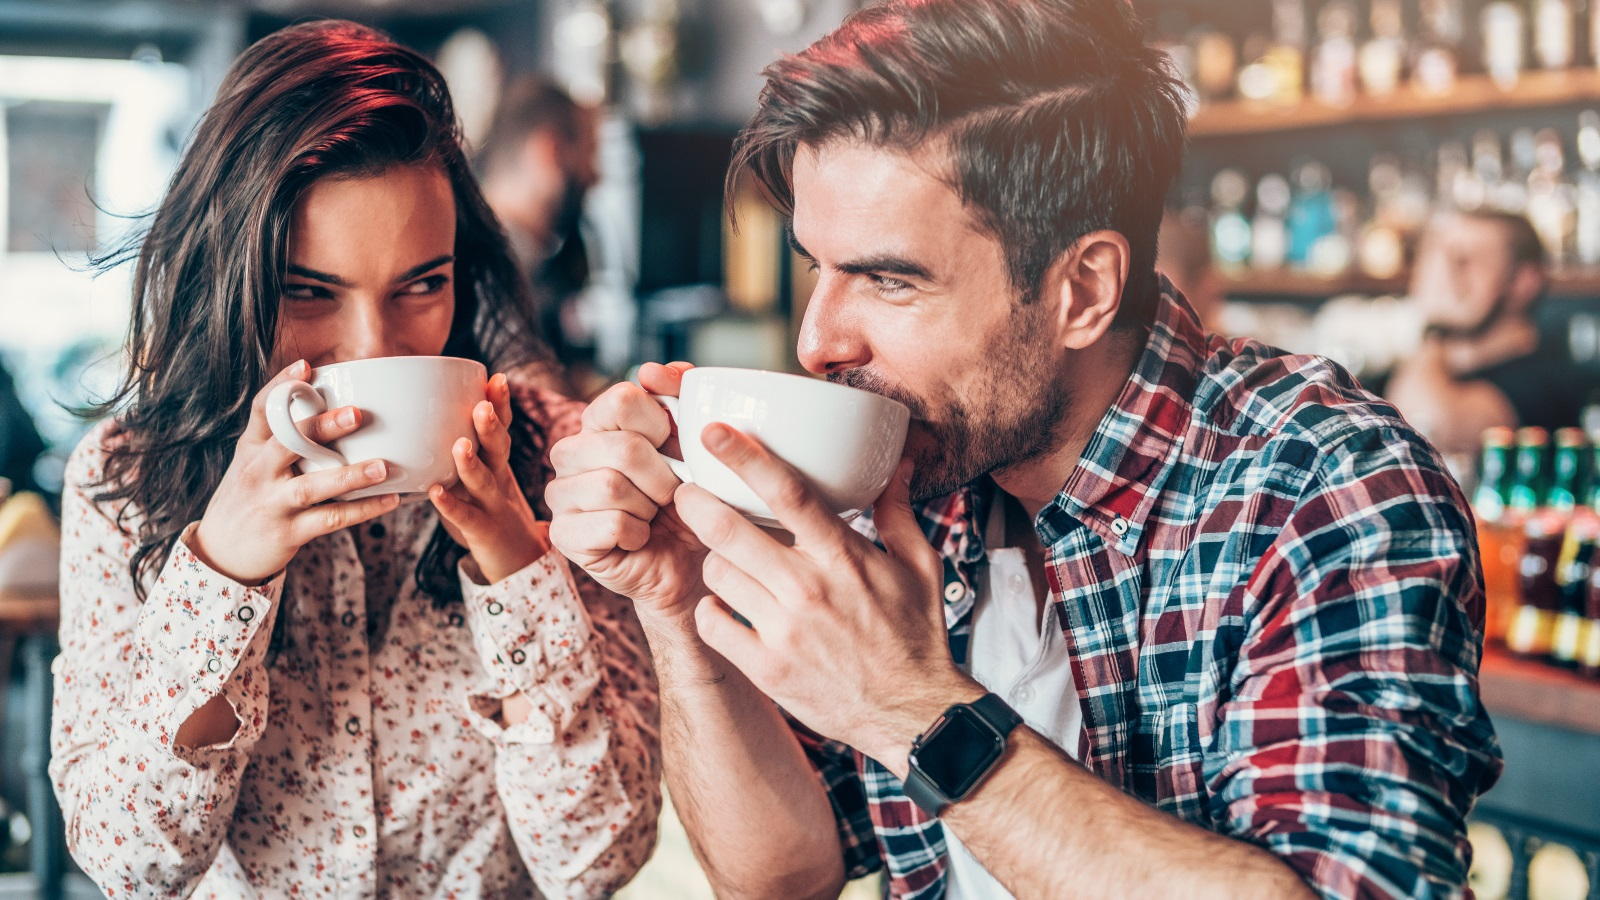 <p>Новата година бавно и нежно ще тласка Козирозите&nbsp;към трайна и дълбока връзка. Тази година може да се наложи да докажете любовта и лоялността ви към партньора, защото ще ви е подложил на изпитание. Любовното щастие на необвързаните ще се появи много бързо с любовен романс през февруари и март.</p>